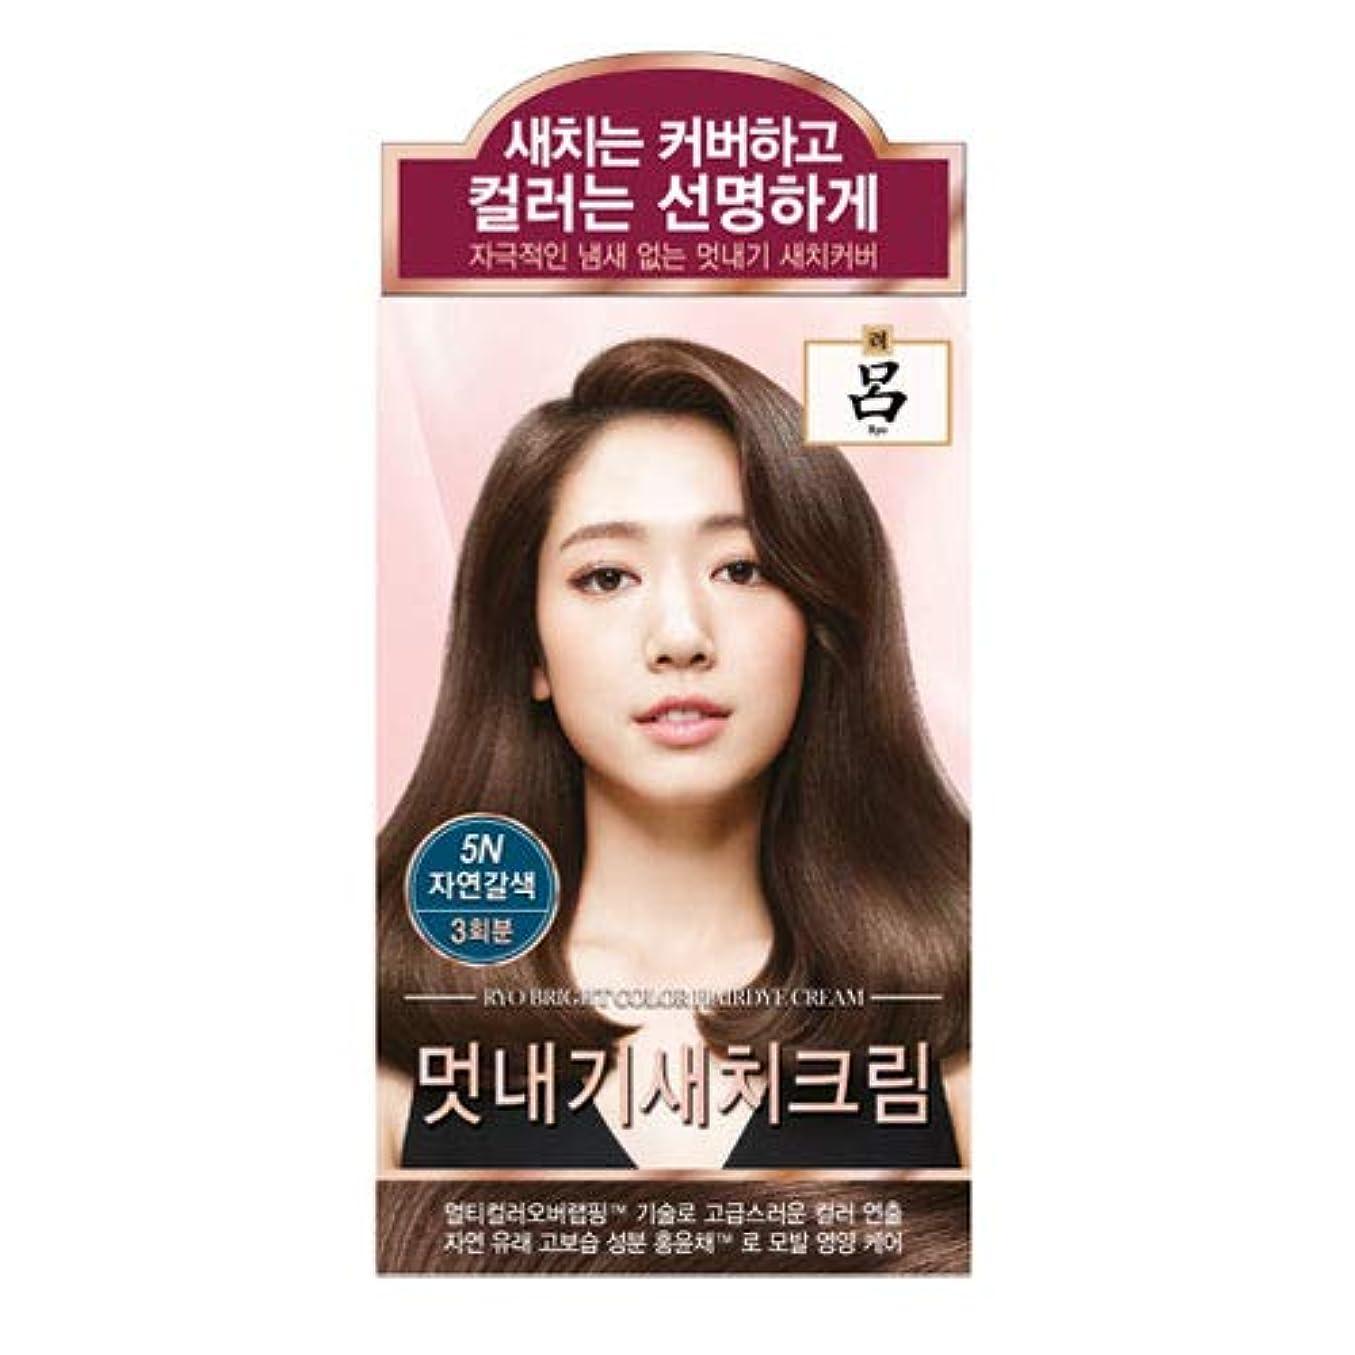 ウッズ磁石魔術アモーレパシフィック呂[AMOREPACIFIC/Ryo] ブライトカラーヘアアイクリーム 5N ナチュラルブラウン/Bright Color Hairdye Cream 5N Natural Brown